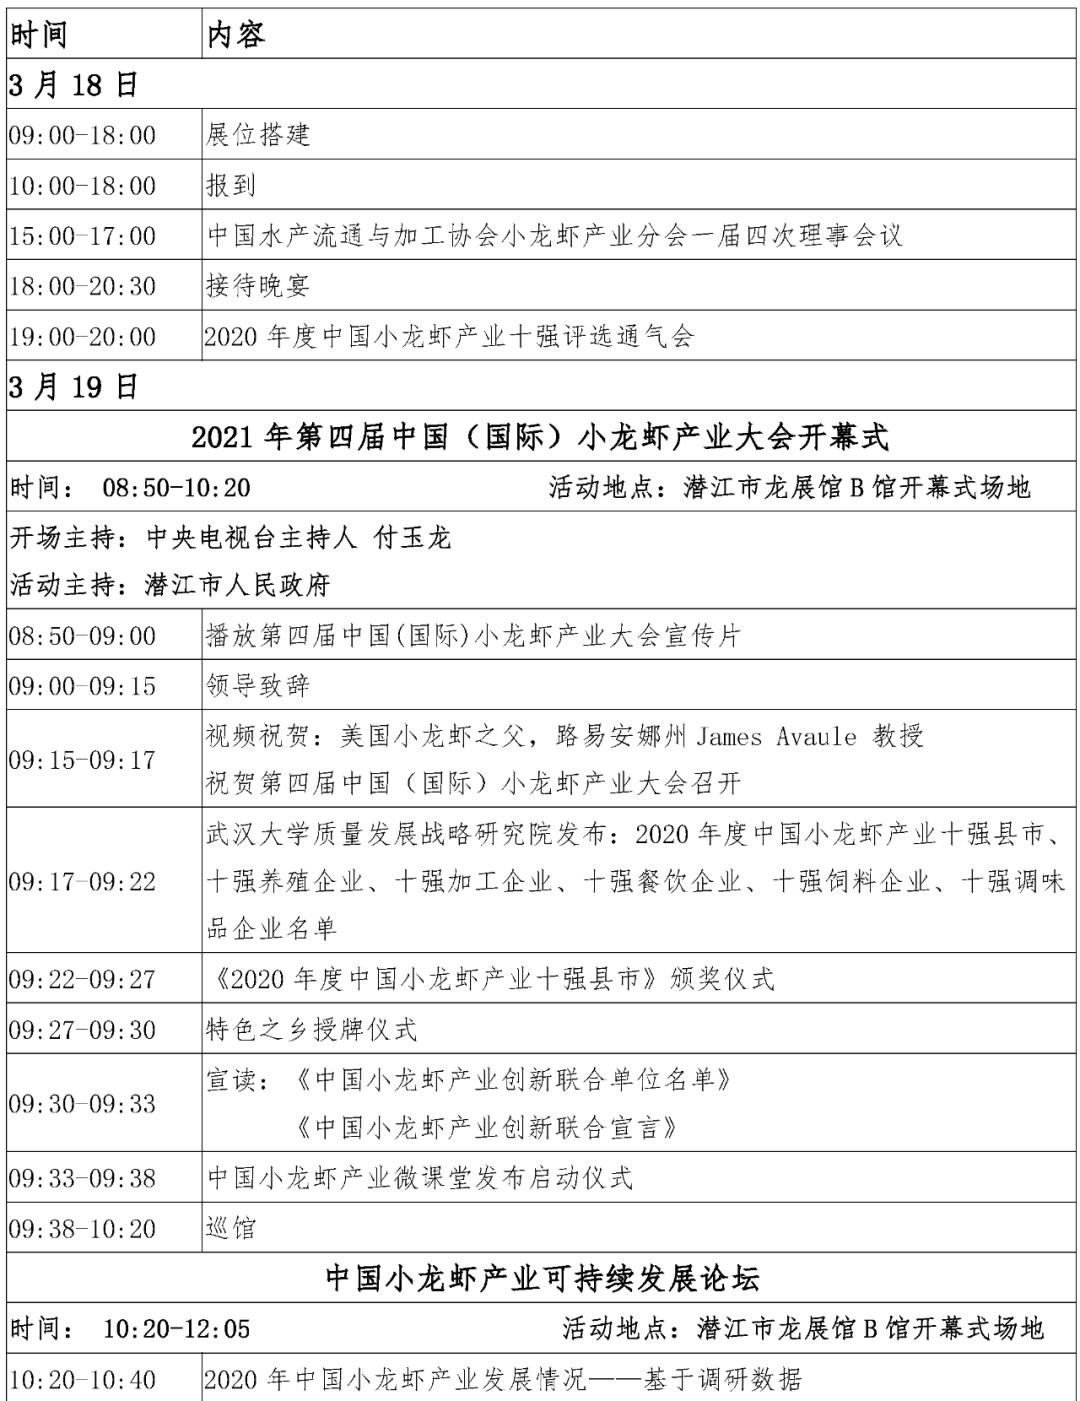 会议|年度小龙虾盛会开启,全产业链吹响集结号!3月速来第四届中国(国际)小龙虾产业大会